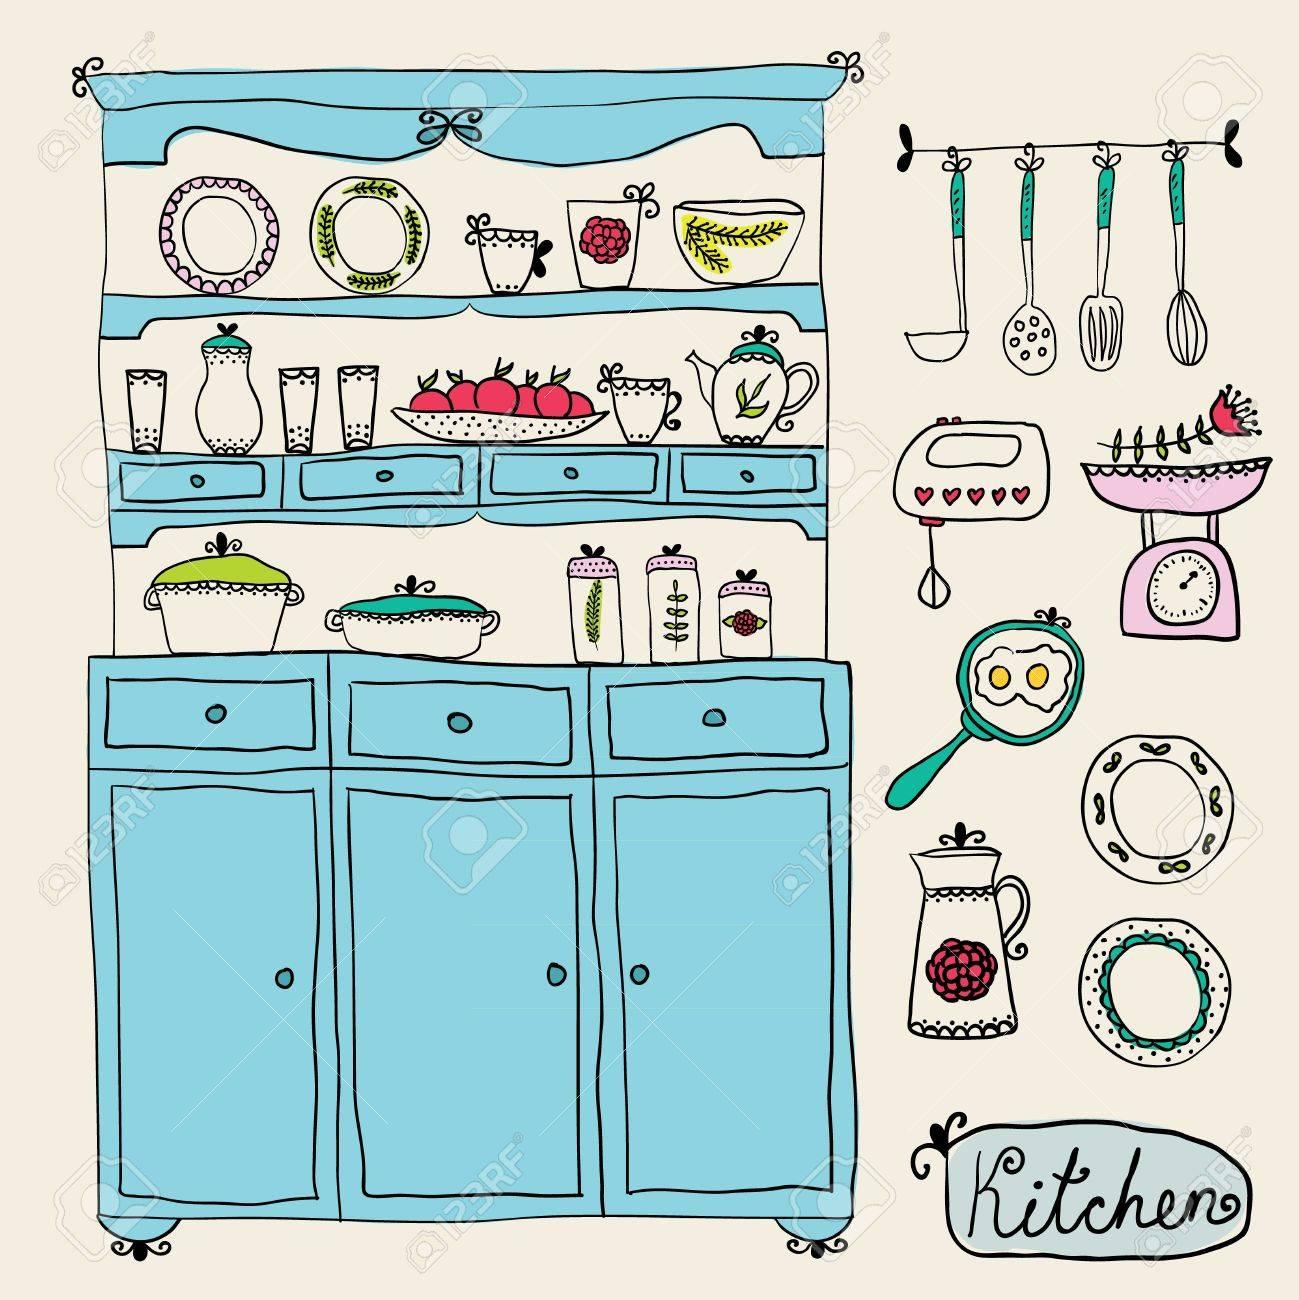 Küche Im Vektor Gesetzt. Design Elemente Küchenschrank ...